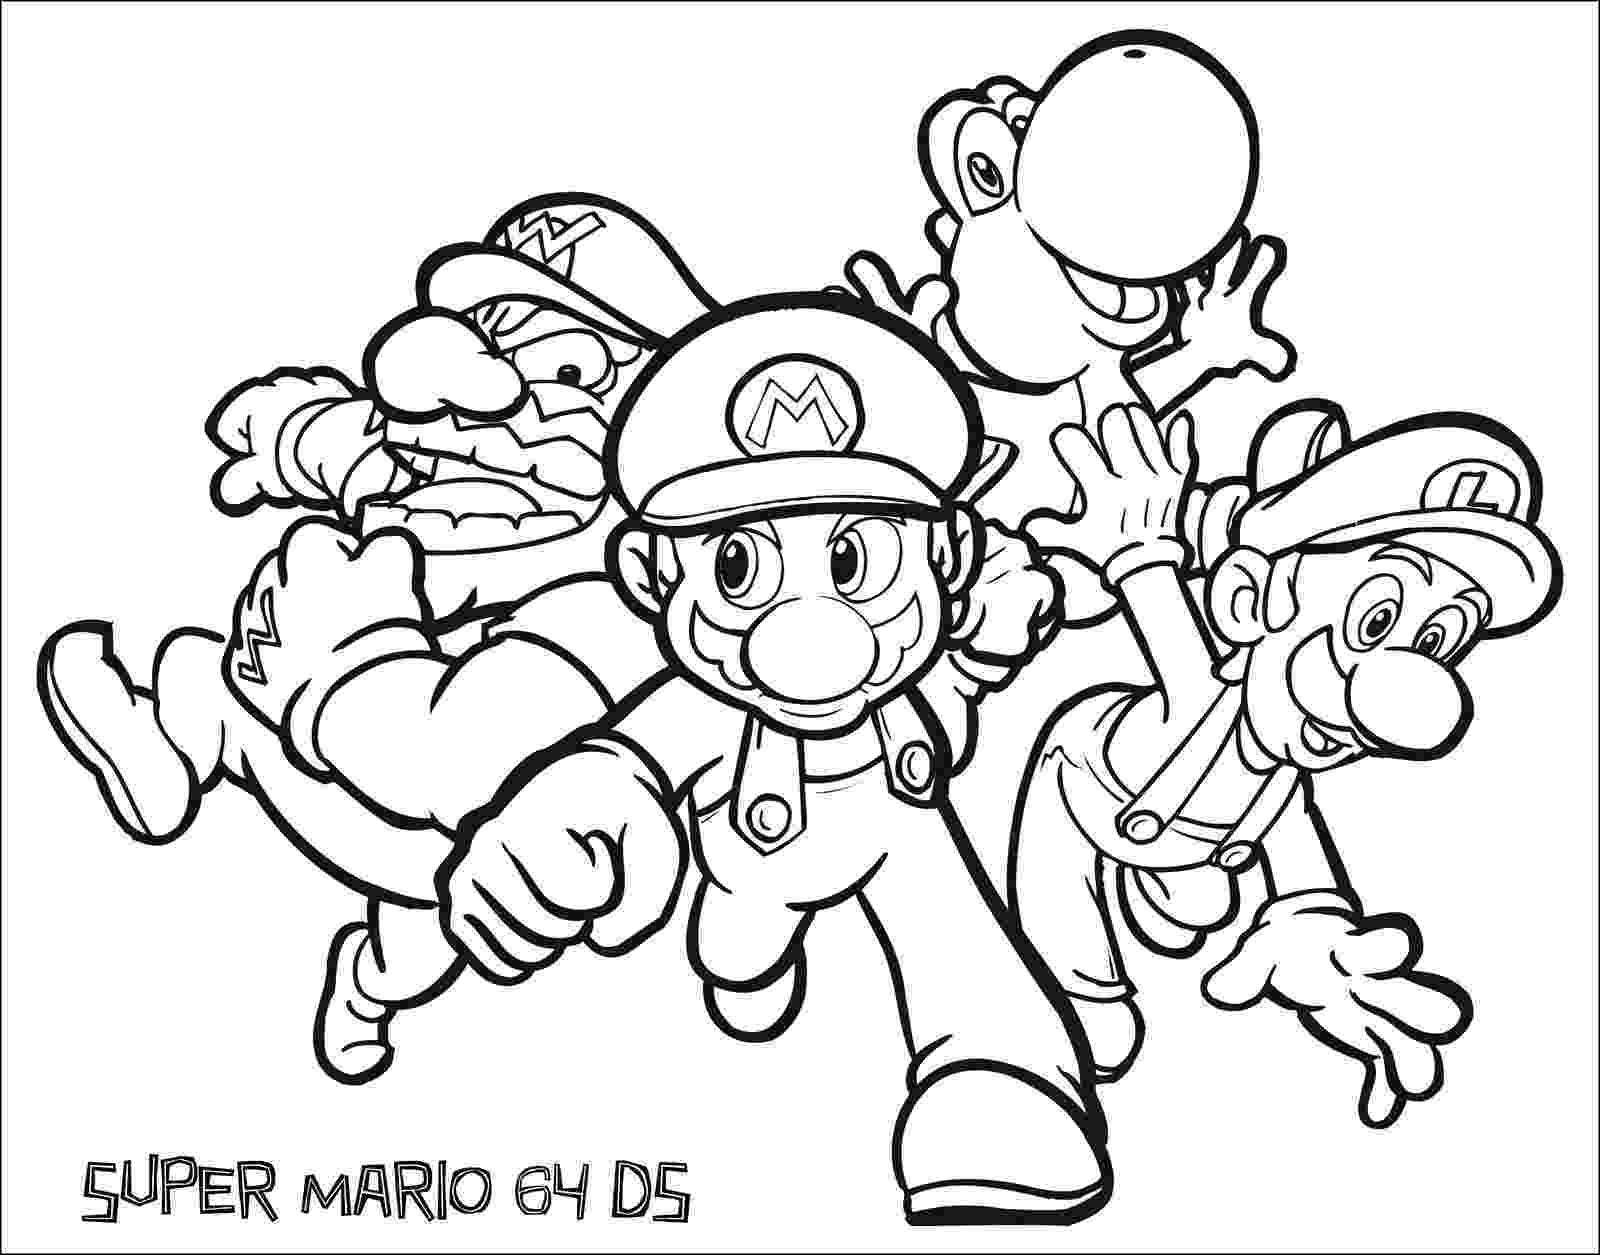 super mario coloring book mario coloring pages black and white super mario coloring book super mario